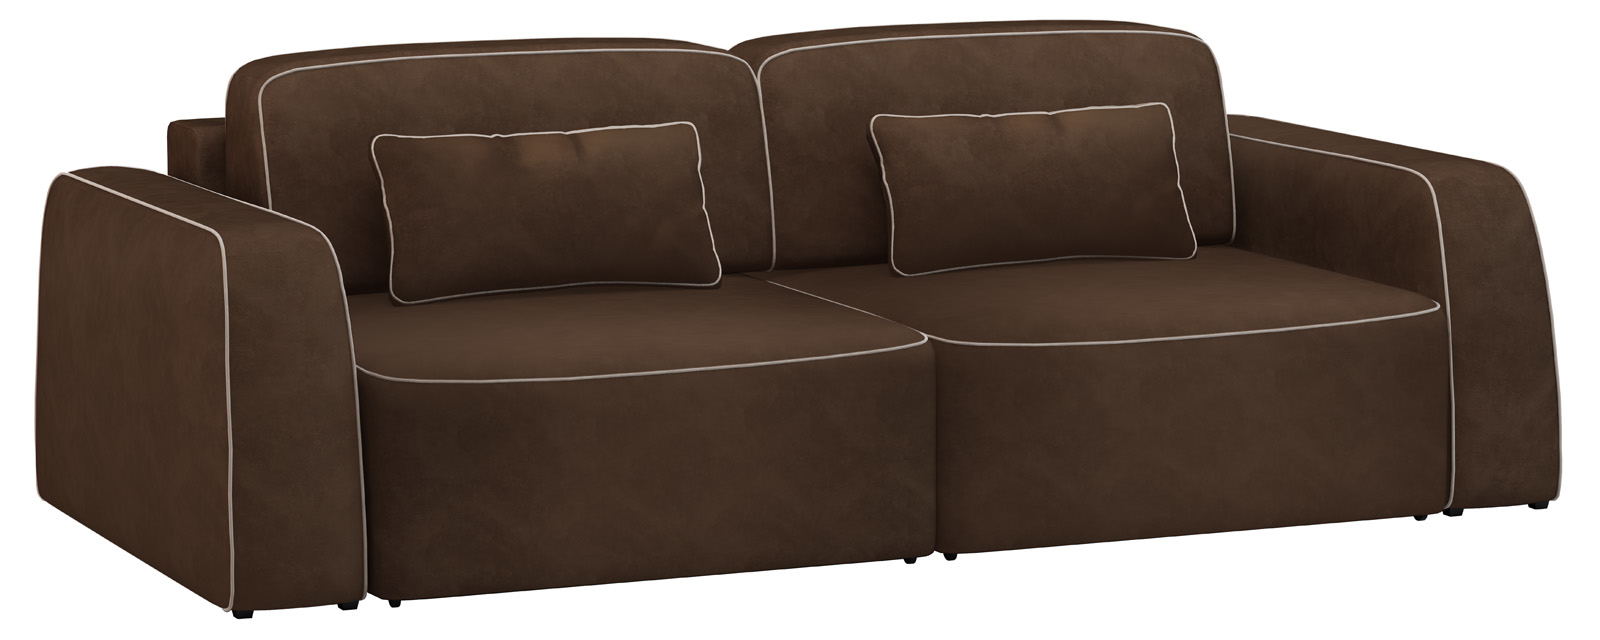 Модульный диван Портленд 200 см Вариант №3 Velure темно-коричневый/бежевый (Велюр)